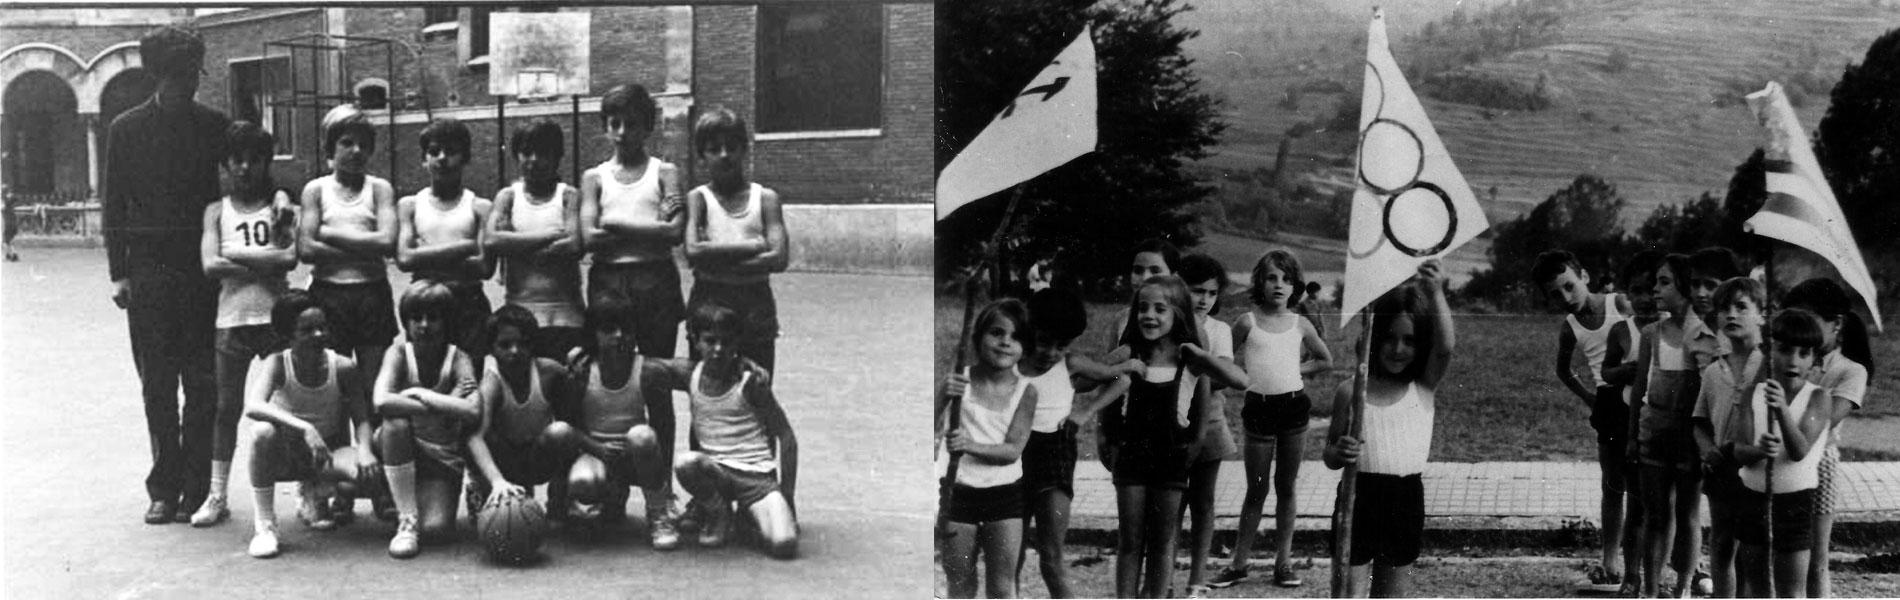 Esports a l'escola en els seus inicis